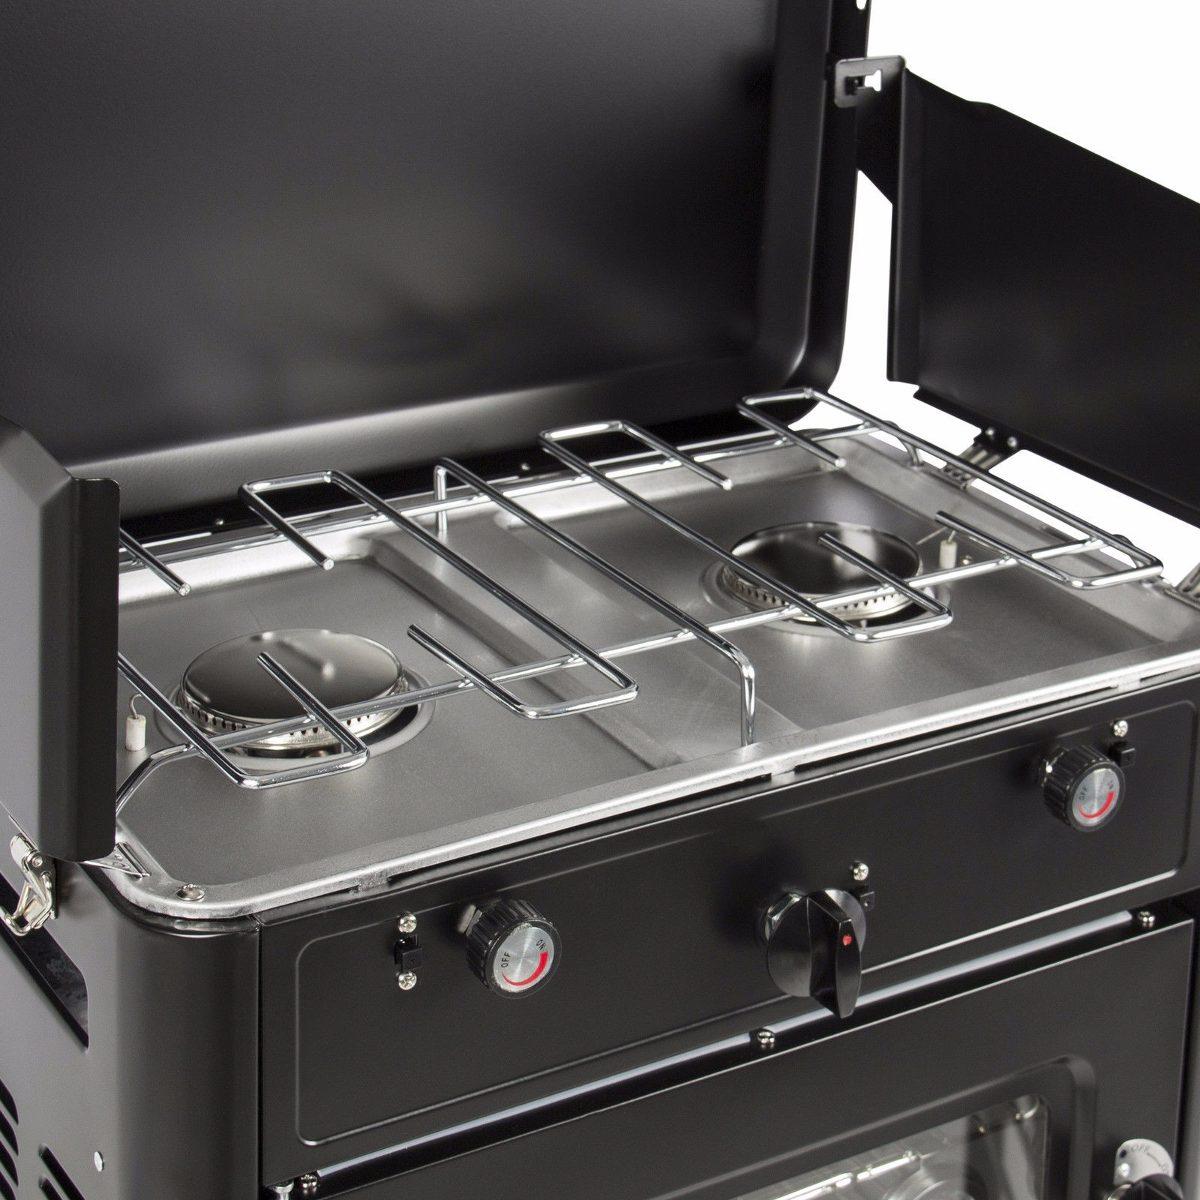 Estufa portatil campamento aire libre cocina gas propano for Cocina de gas portatil